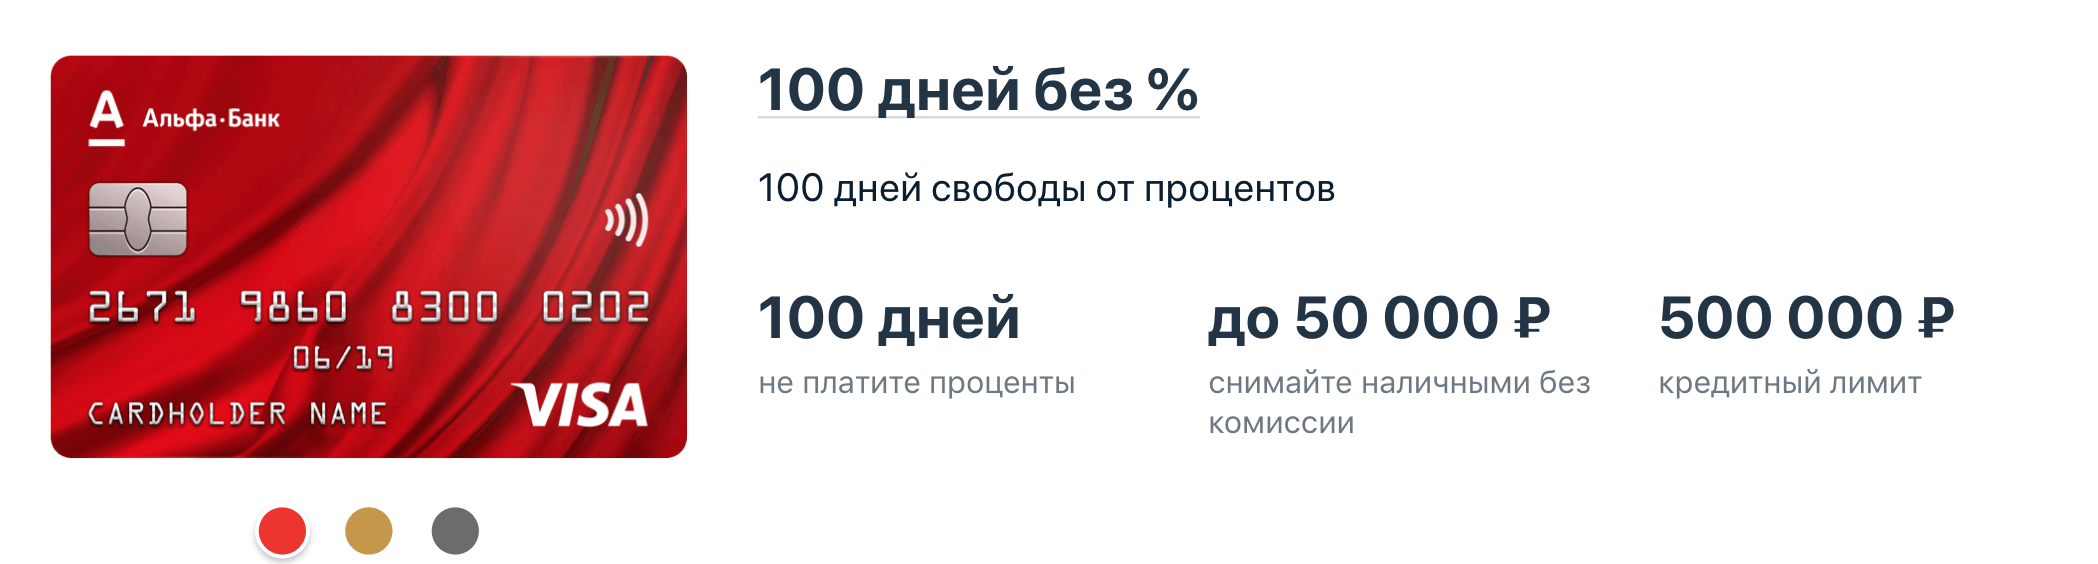 100 днейбез% Альфа-Банк